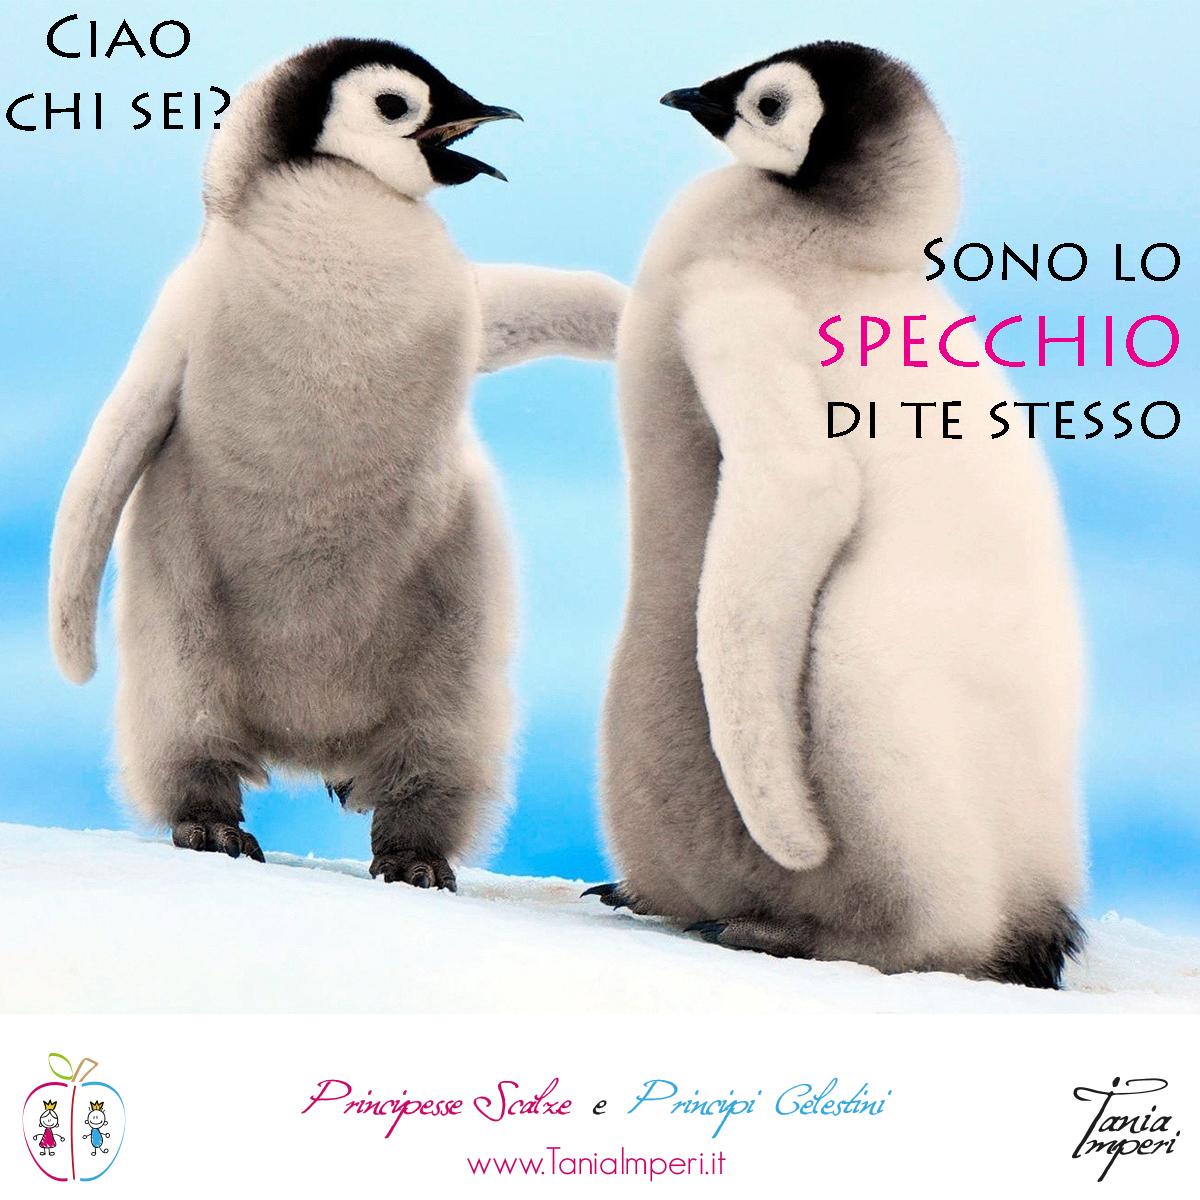 SPECCHIO-DI-TE-STESSO-dal-blog-di-tania-imperi